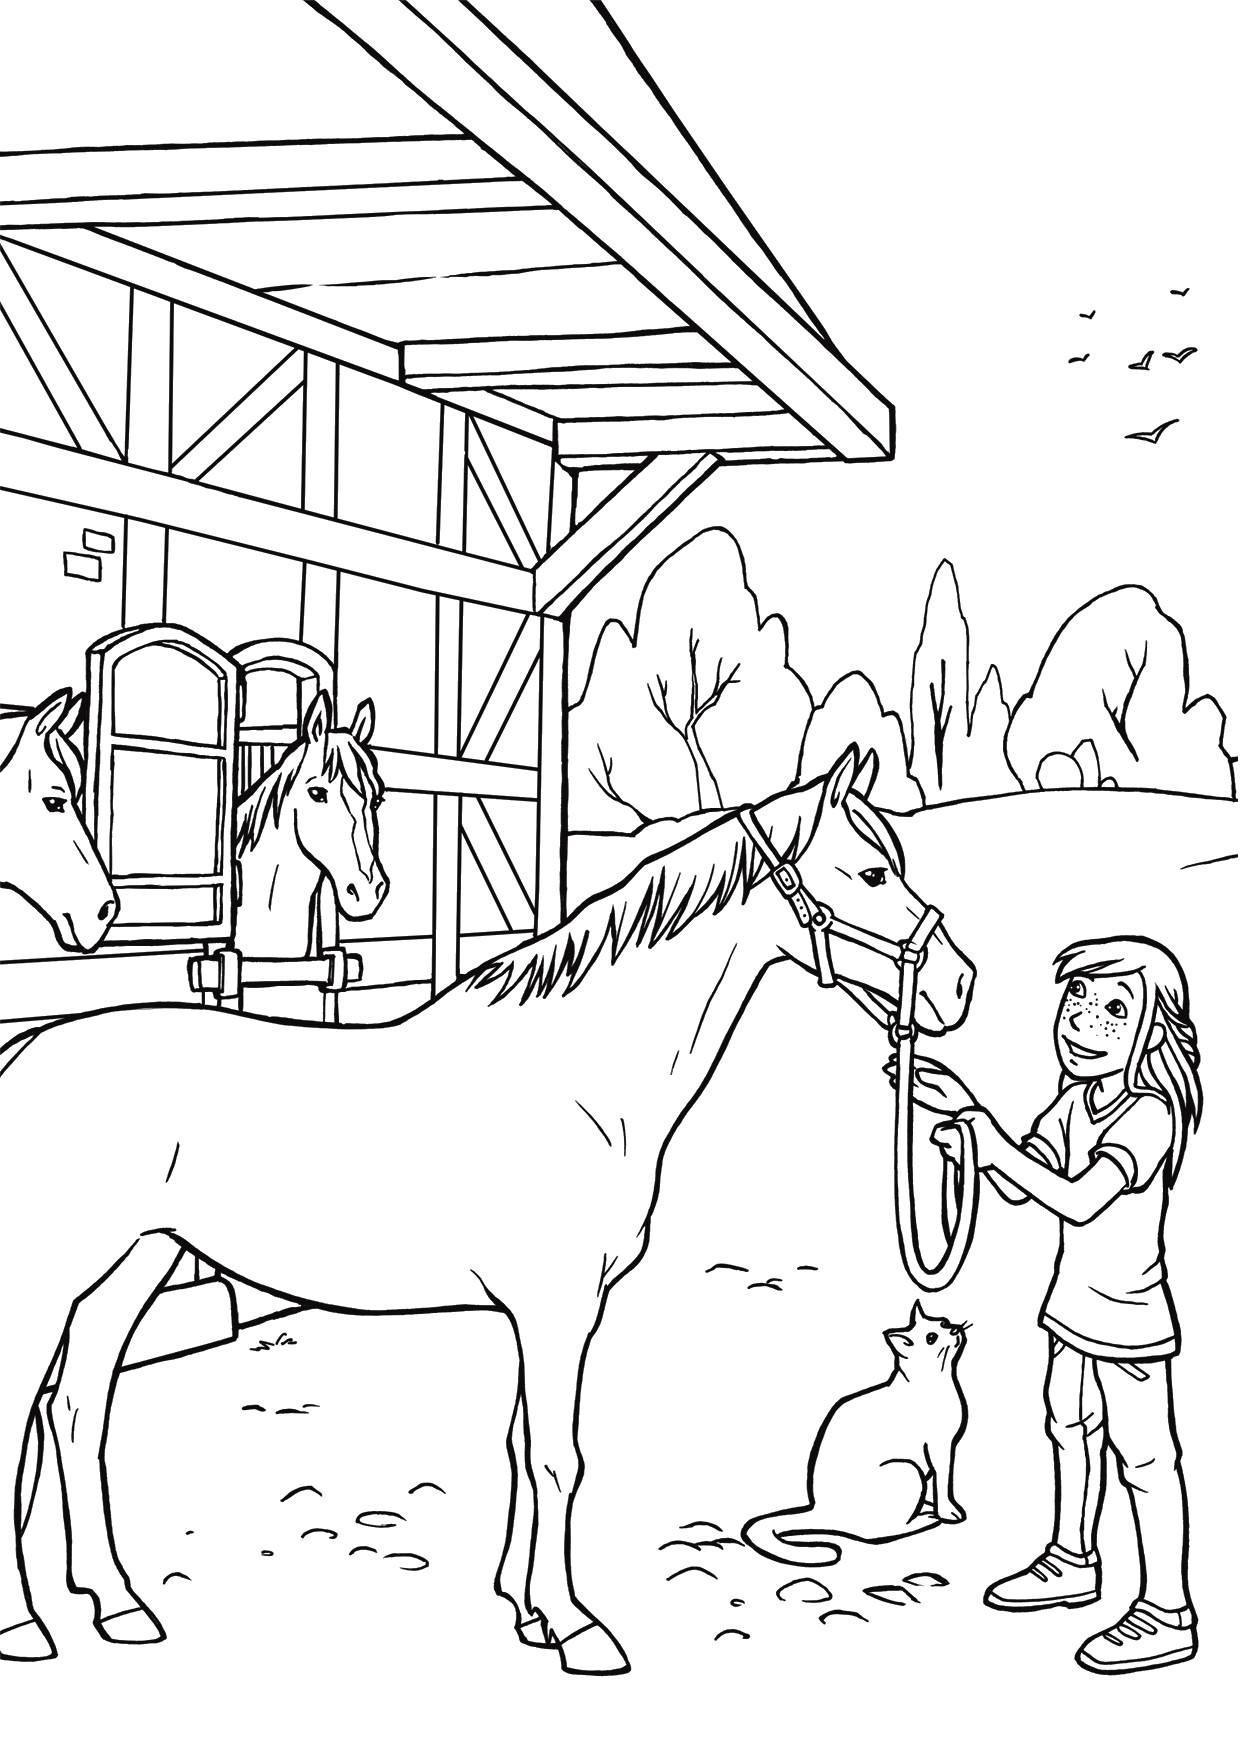 Ausmalbilder Schule Zum Ausdrucken Einzigartig 45 Best Ausmalbilder Pferde Gratis Zum Drucken Bilder